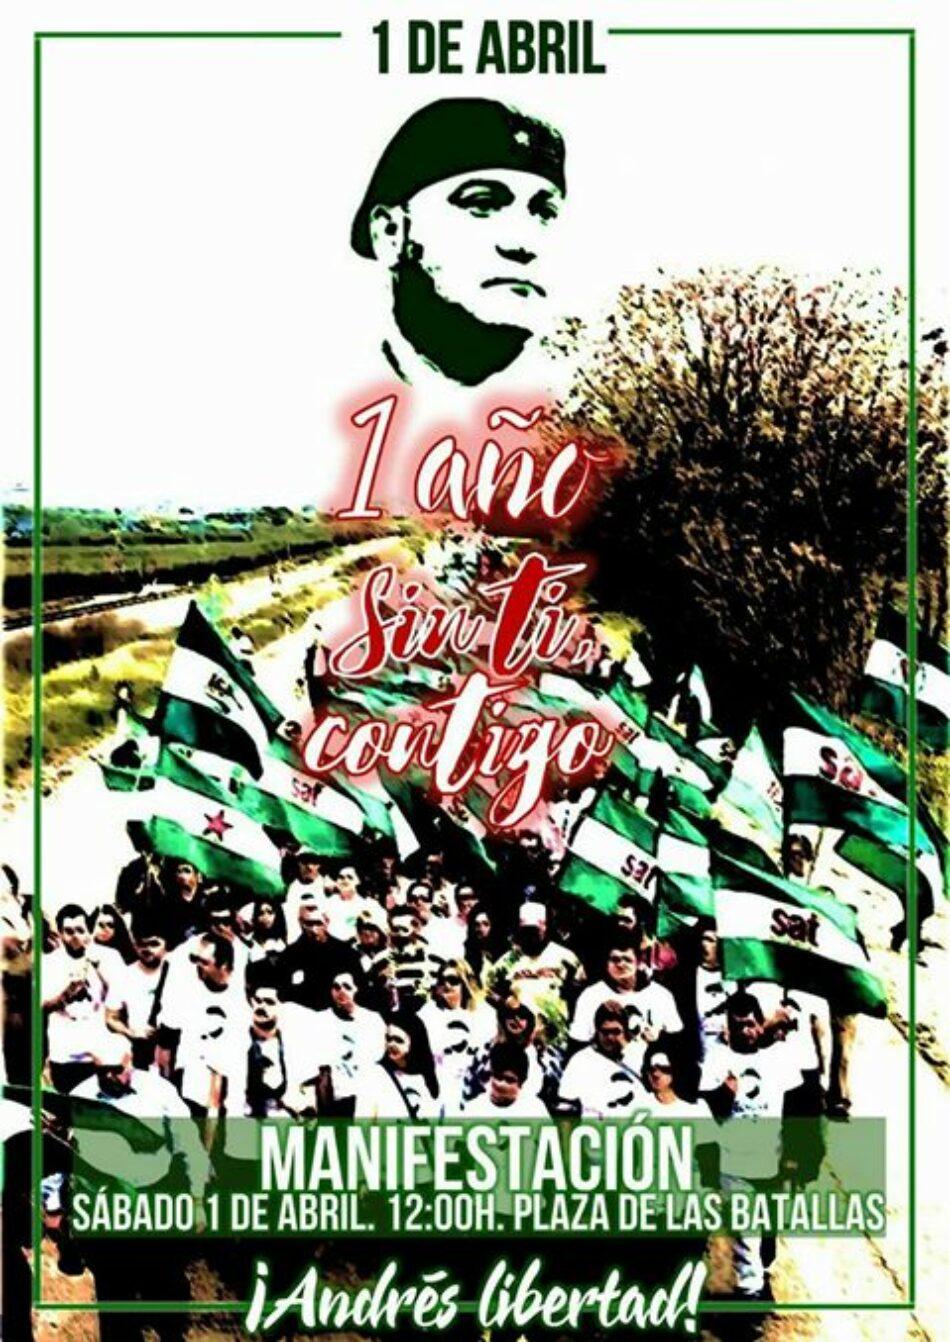 Manifestación el 1 de abril frente a la Subdelegación del Gobierno en Jaén: ¡Andrés Libertad!